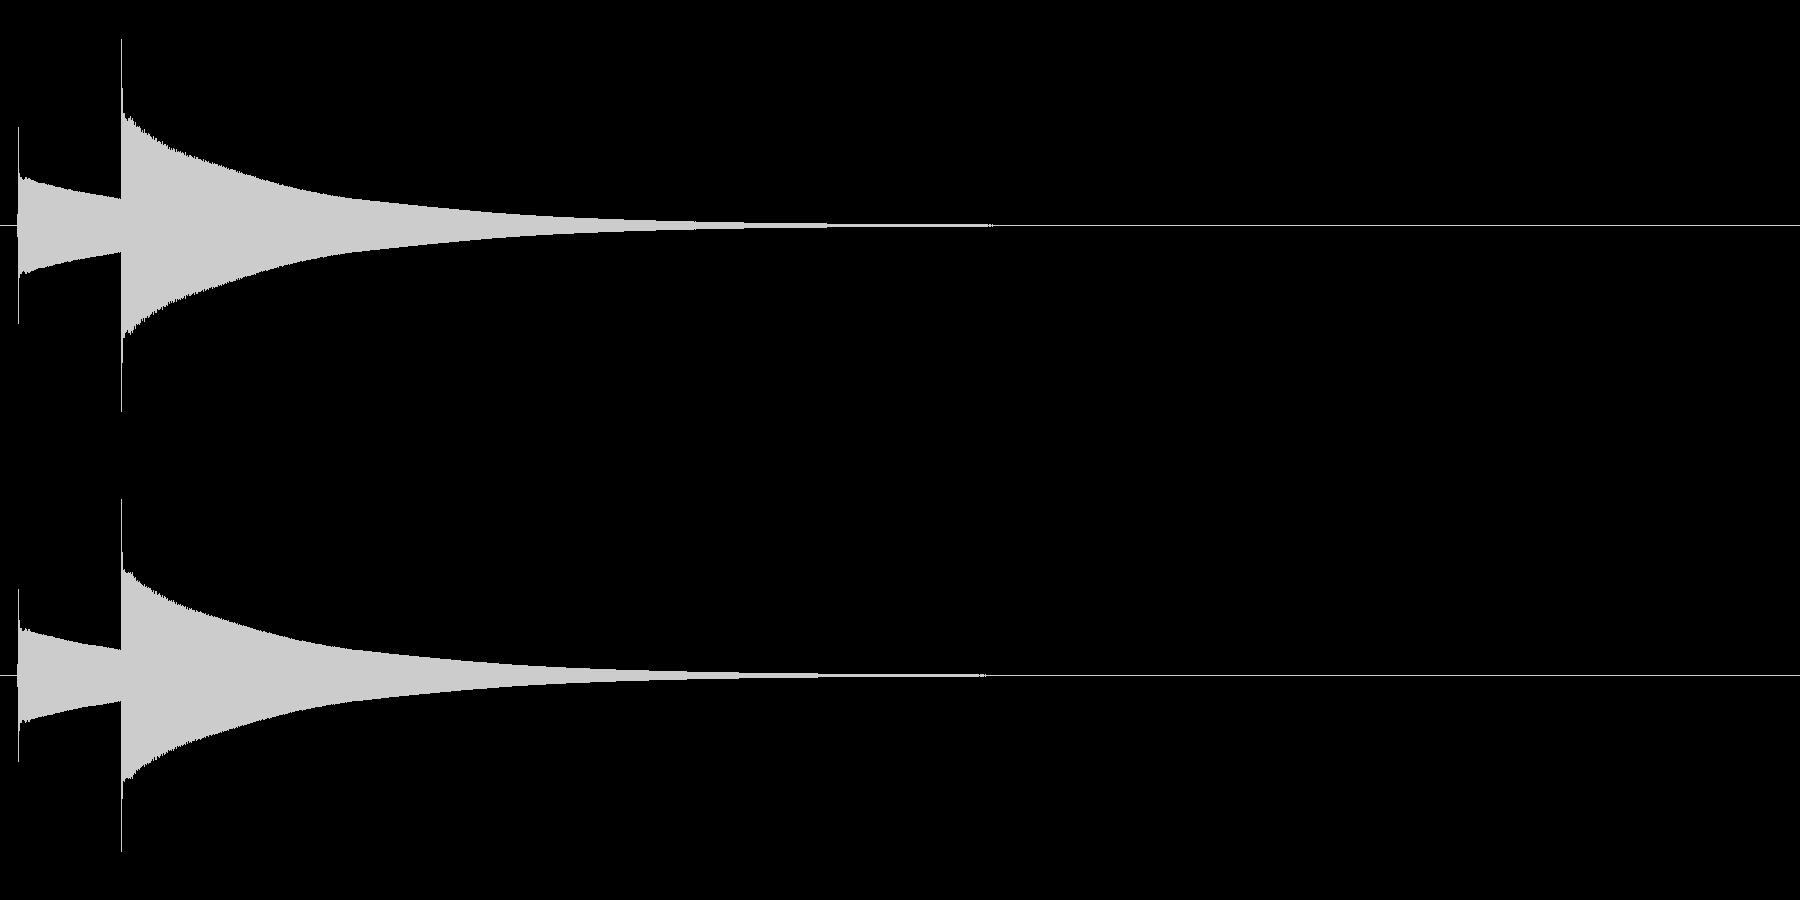 スモールヘビーブラスディナーゴング...の未再生の波形